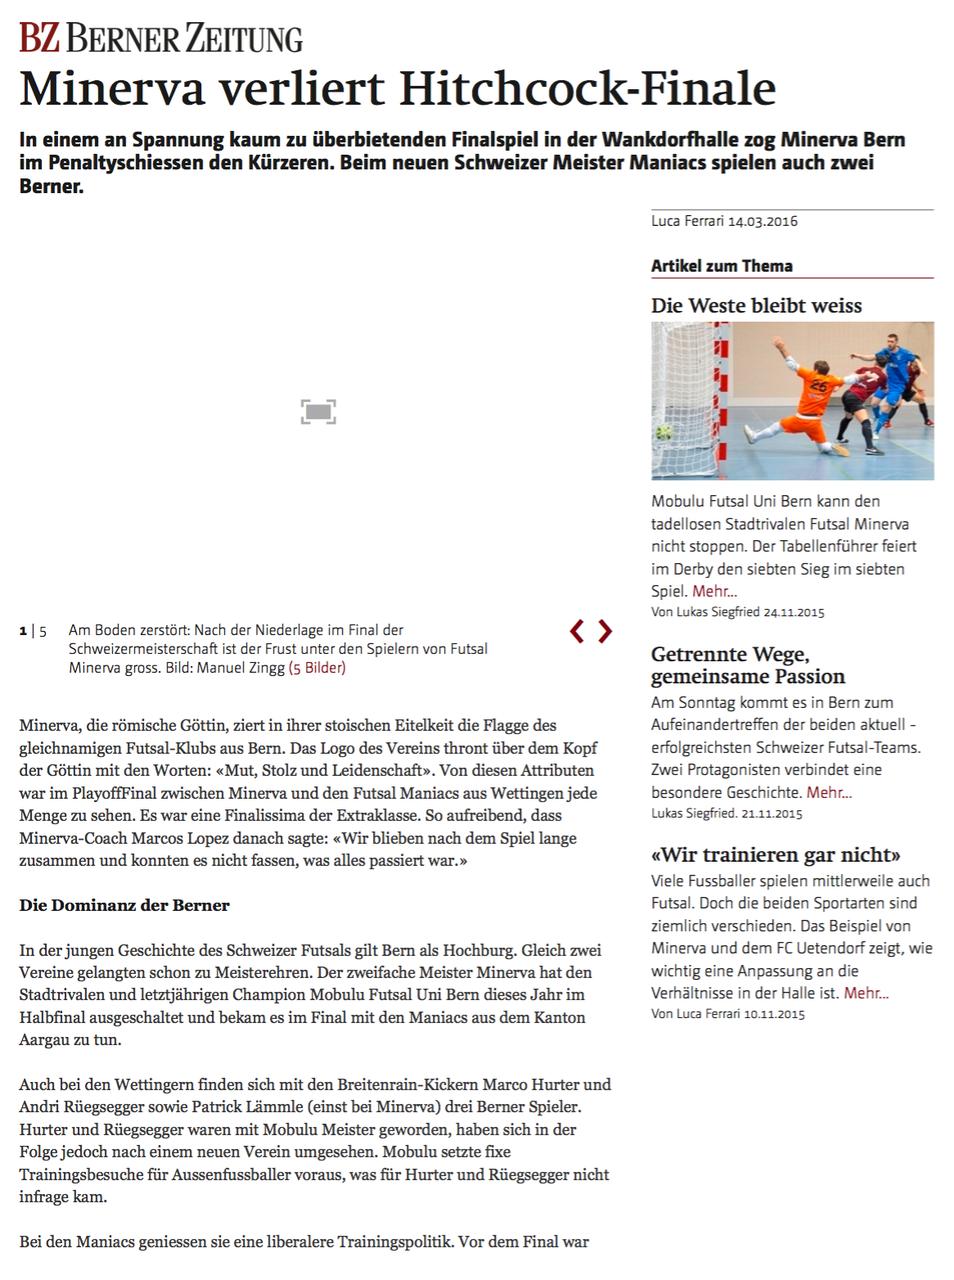 Berner Zeitung BZ - 14. März 2016 - S. 1